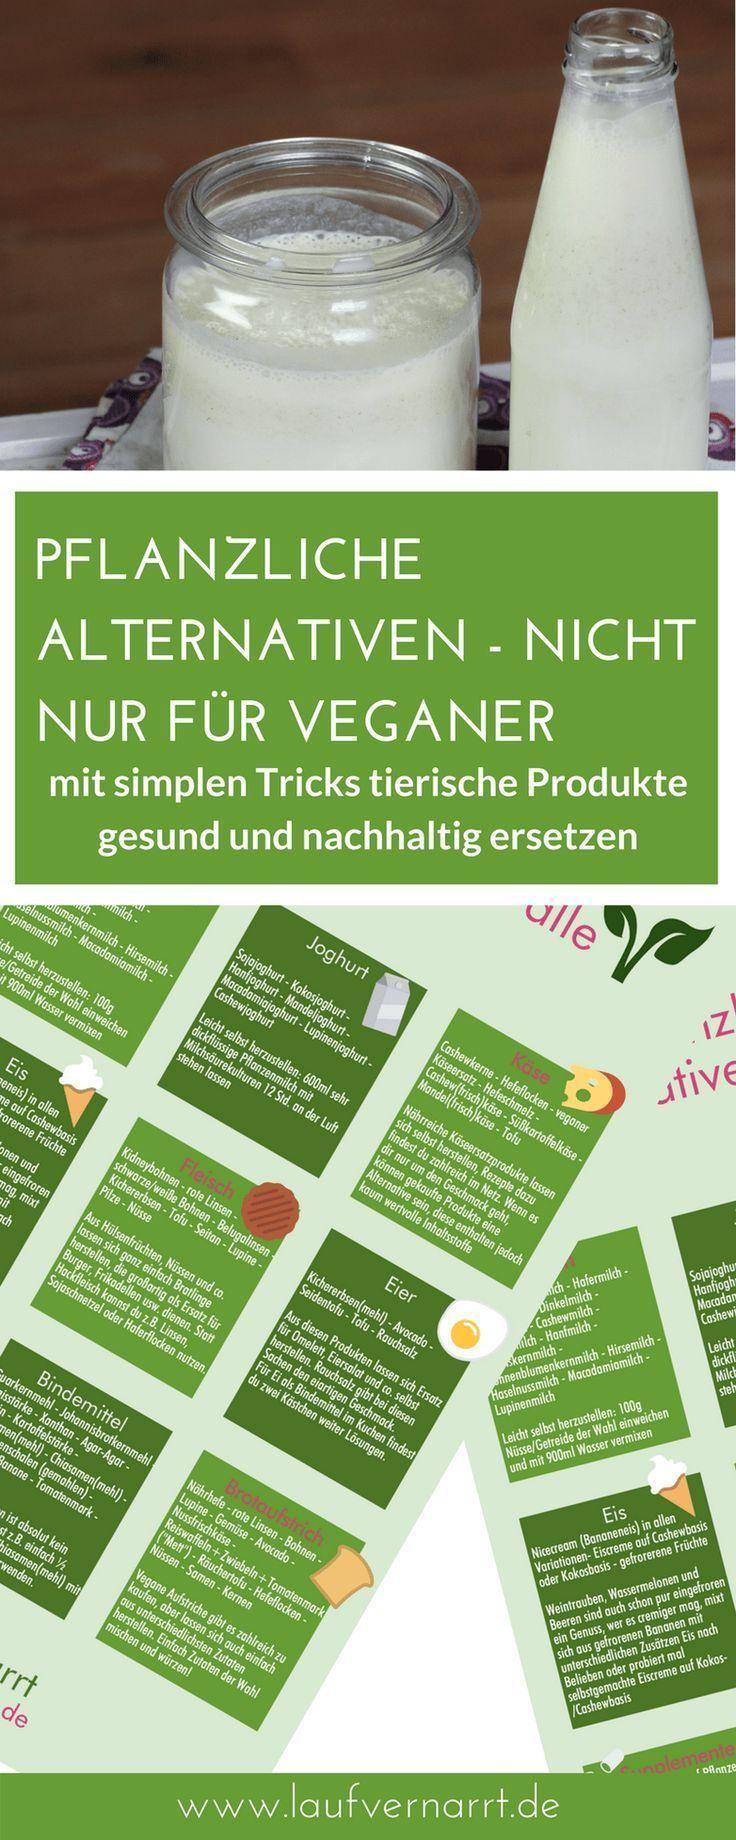 Pflanzliche Alternativen - nicht nur für Veganer #workoutfood